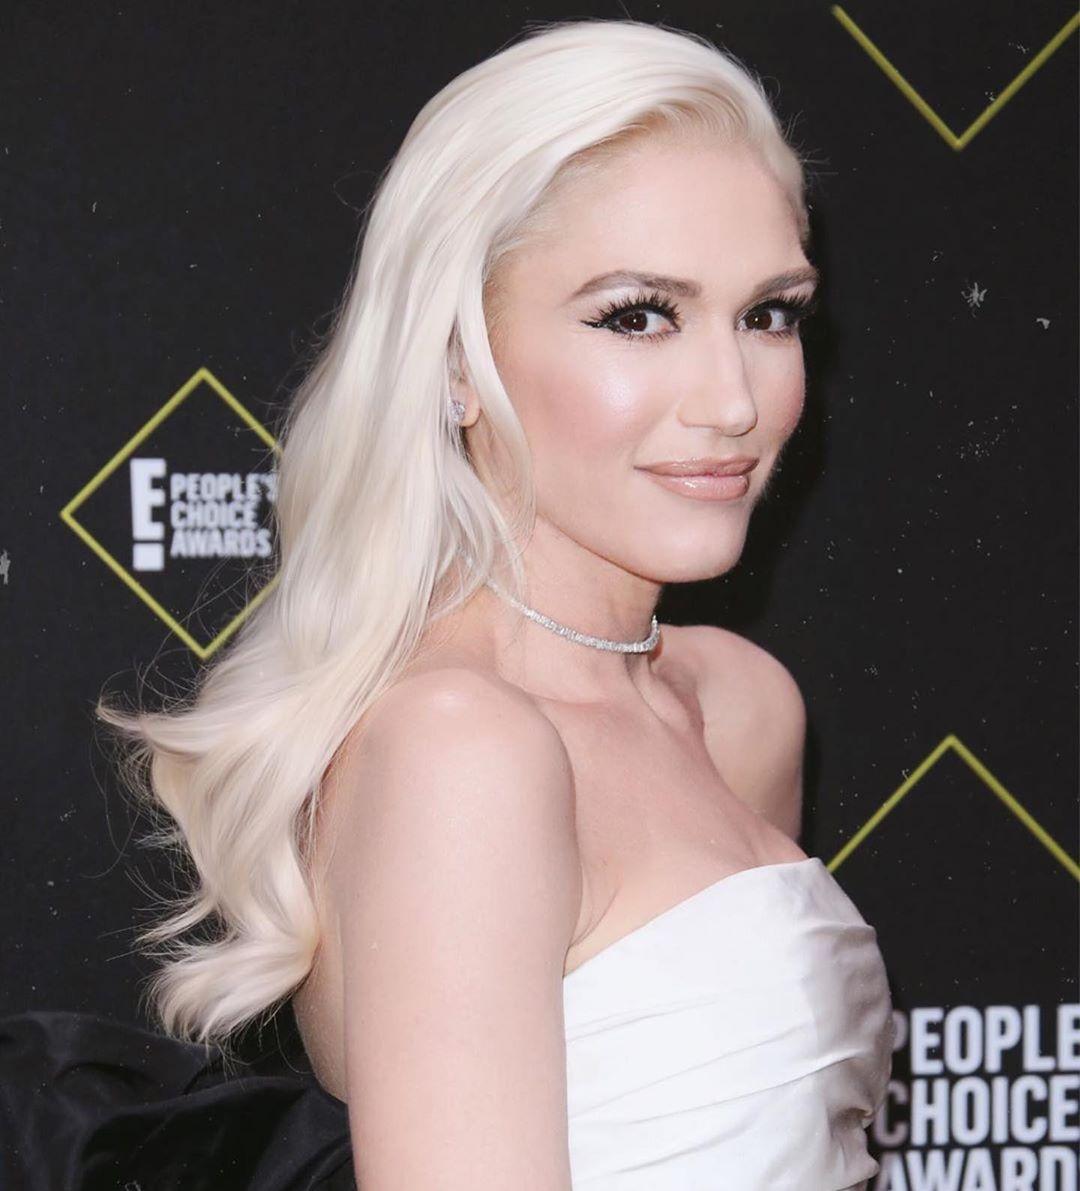 Η Gwen Stefani με κοντό καρέ και αφέλειες είναι αγνώριστη!   tlife.gr